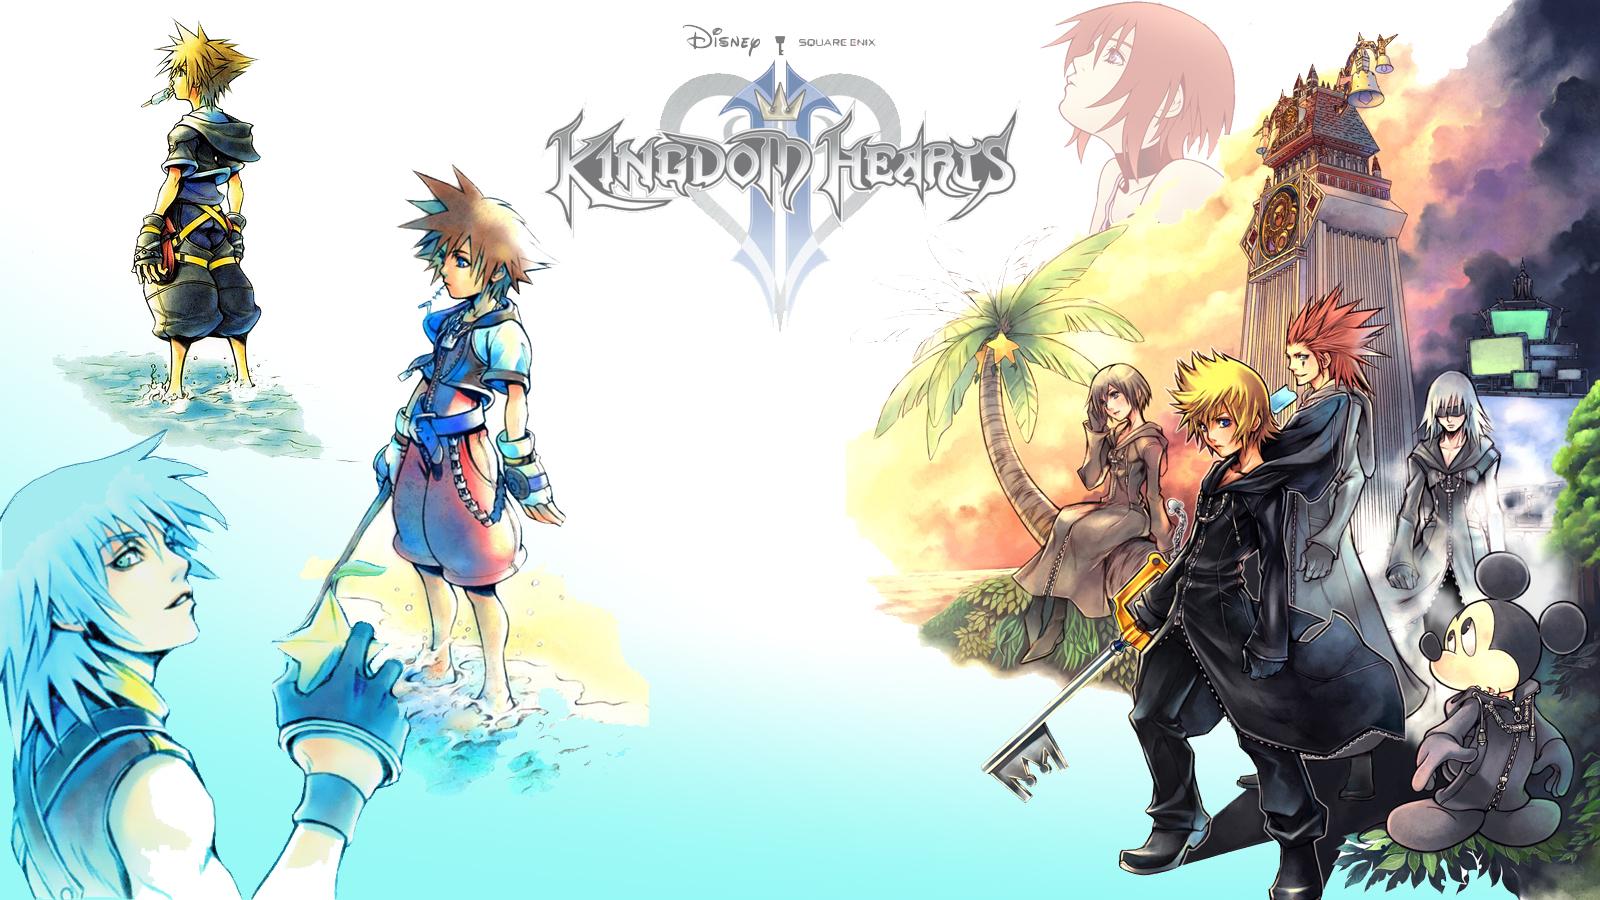 kingdom hearts background A2